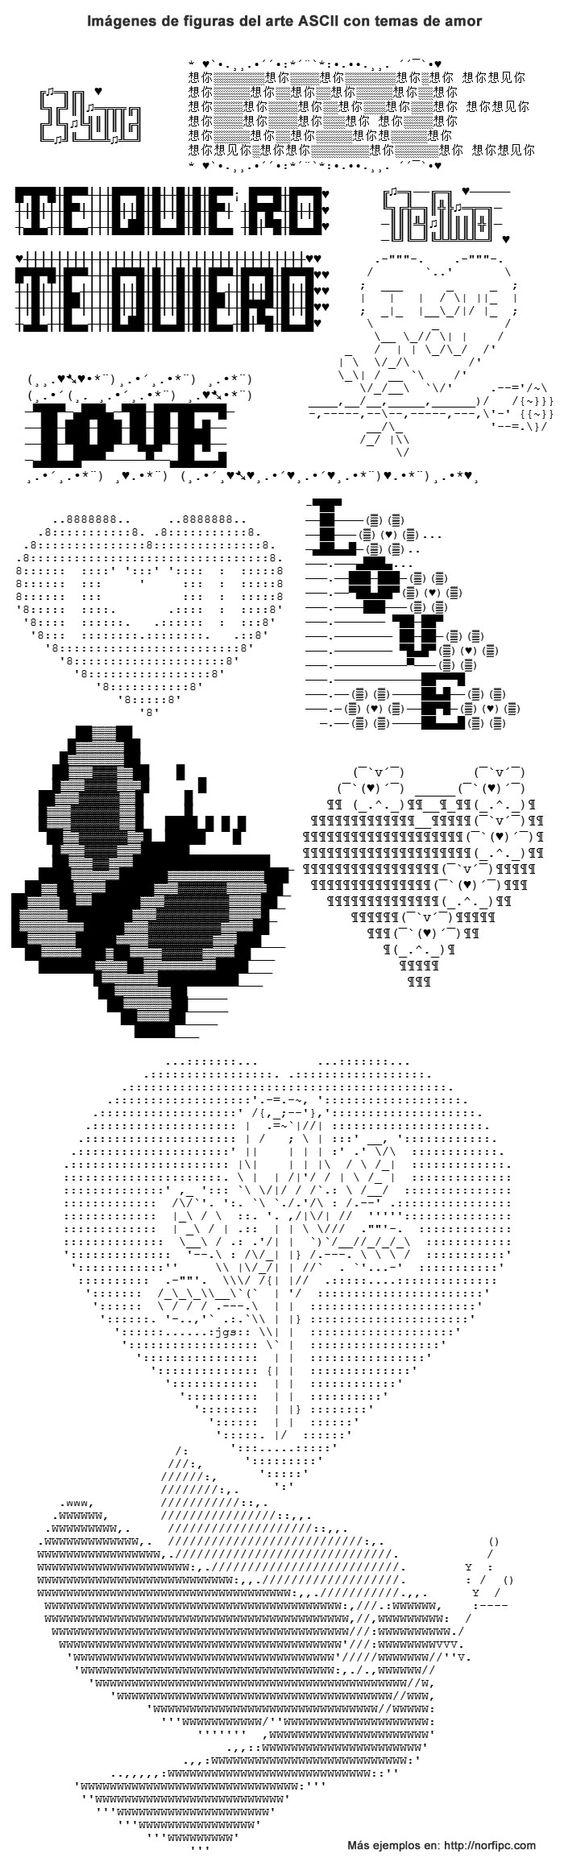 Imagen que muestra varios dibujos con temas de amor hechos usando el arte ASCII, para Facebook